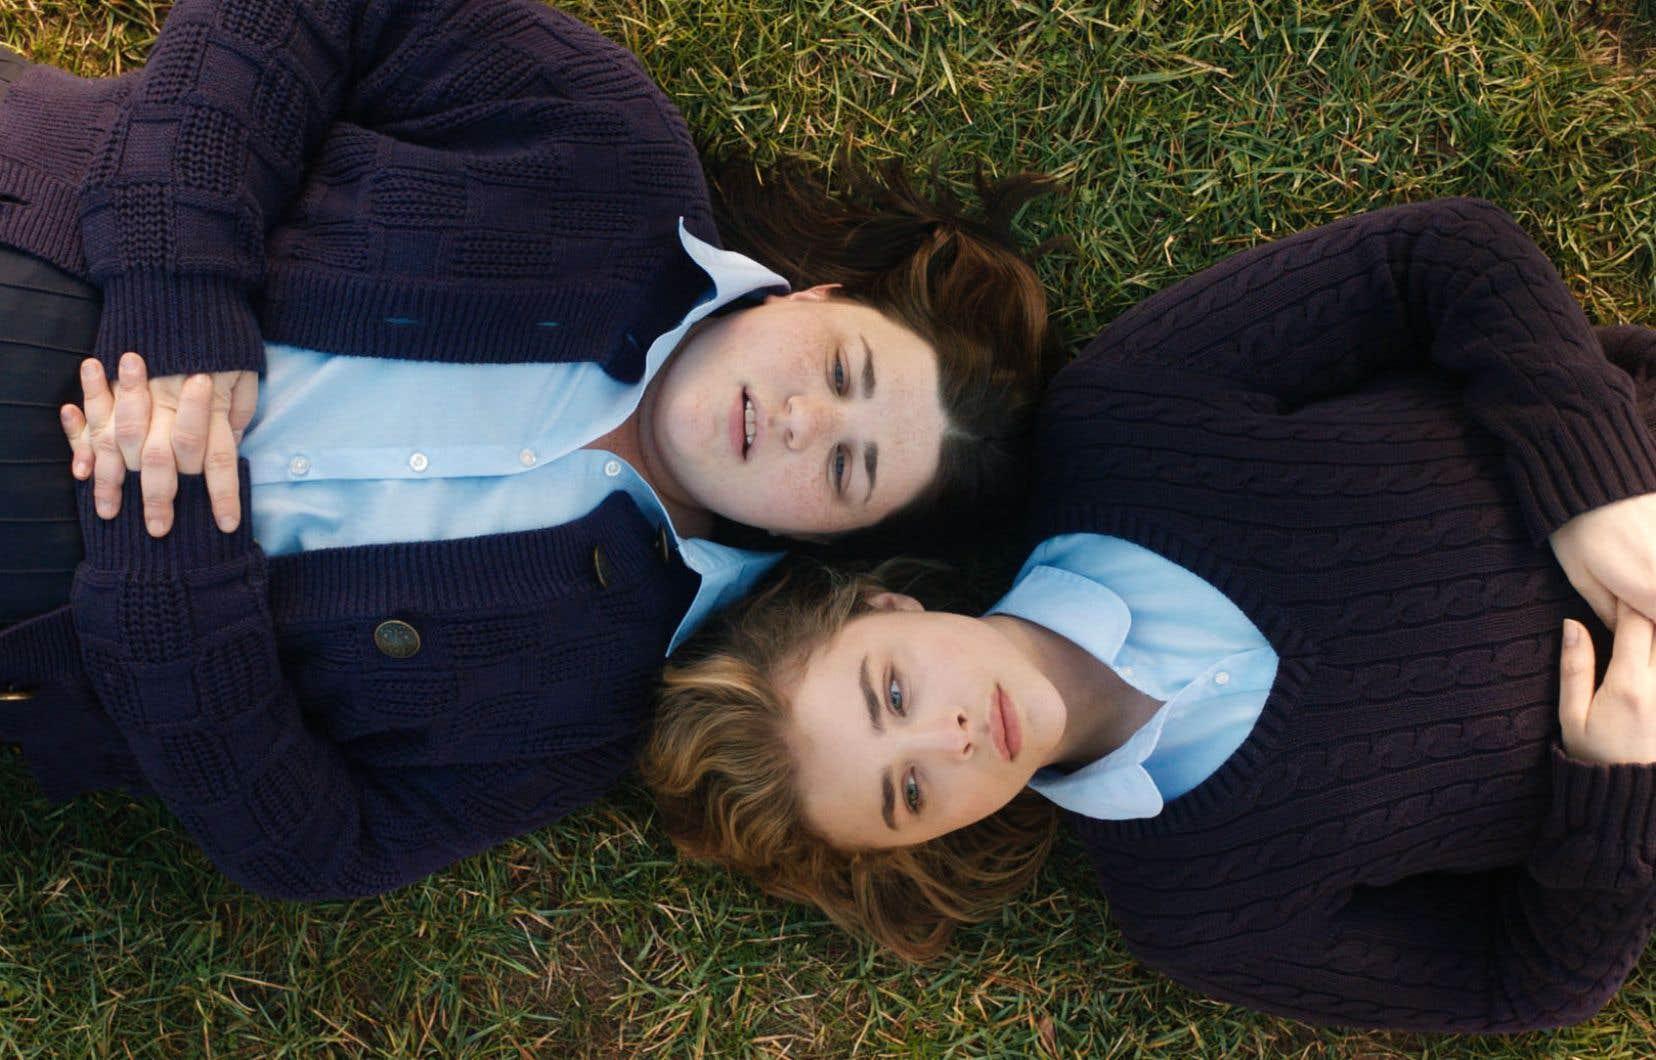 Au camp de conversion où on l'a envoyée, Cameron (Chloë Grace Moretz) semble avancer dans un état somnambulique dans un cycle cauchemardesque.